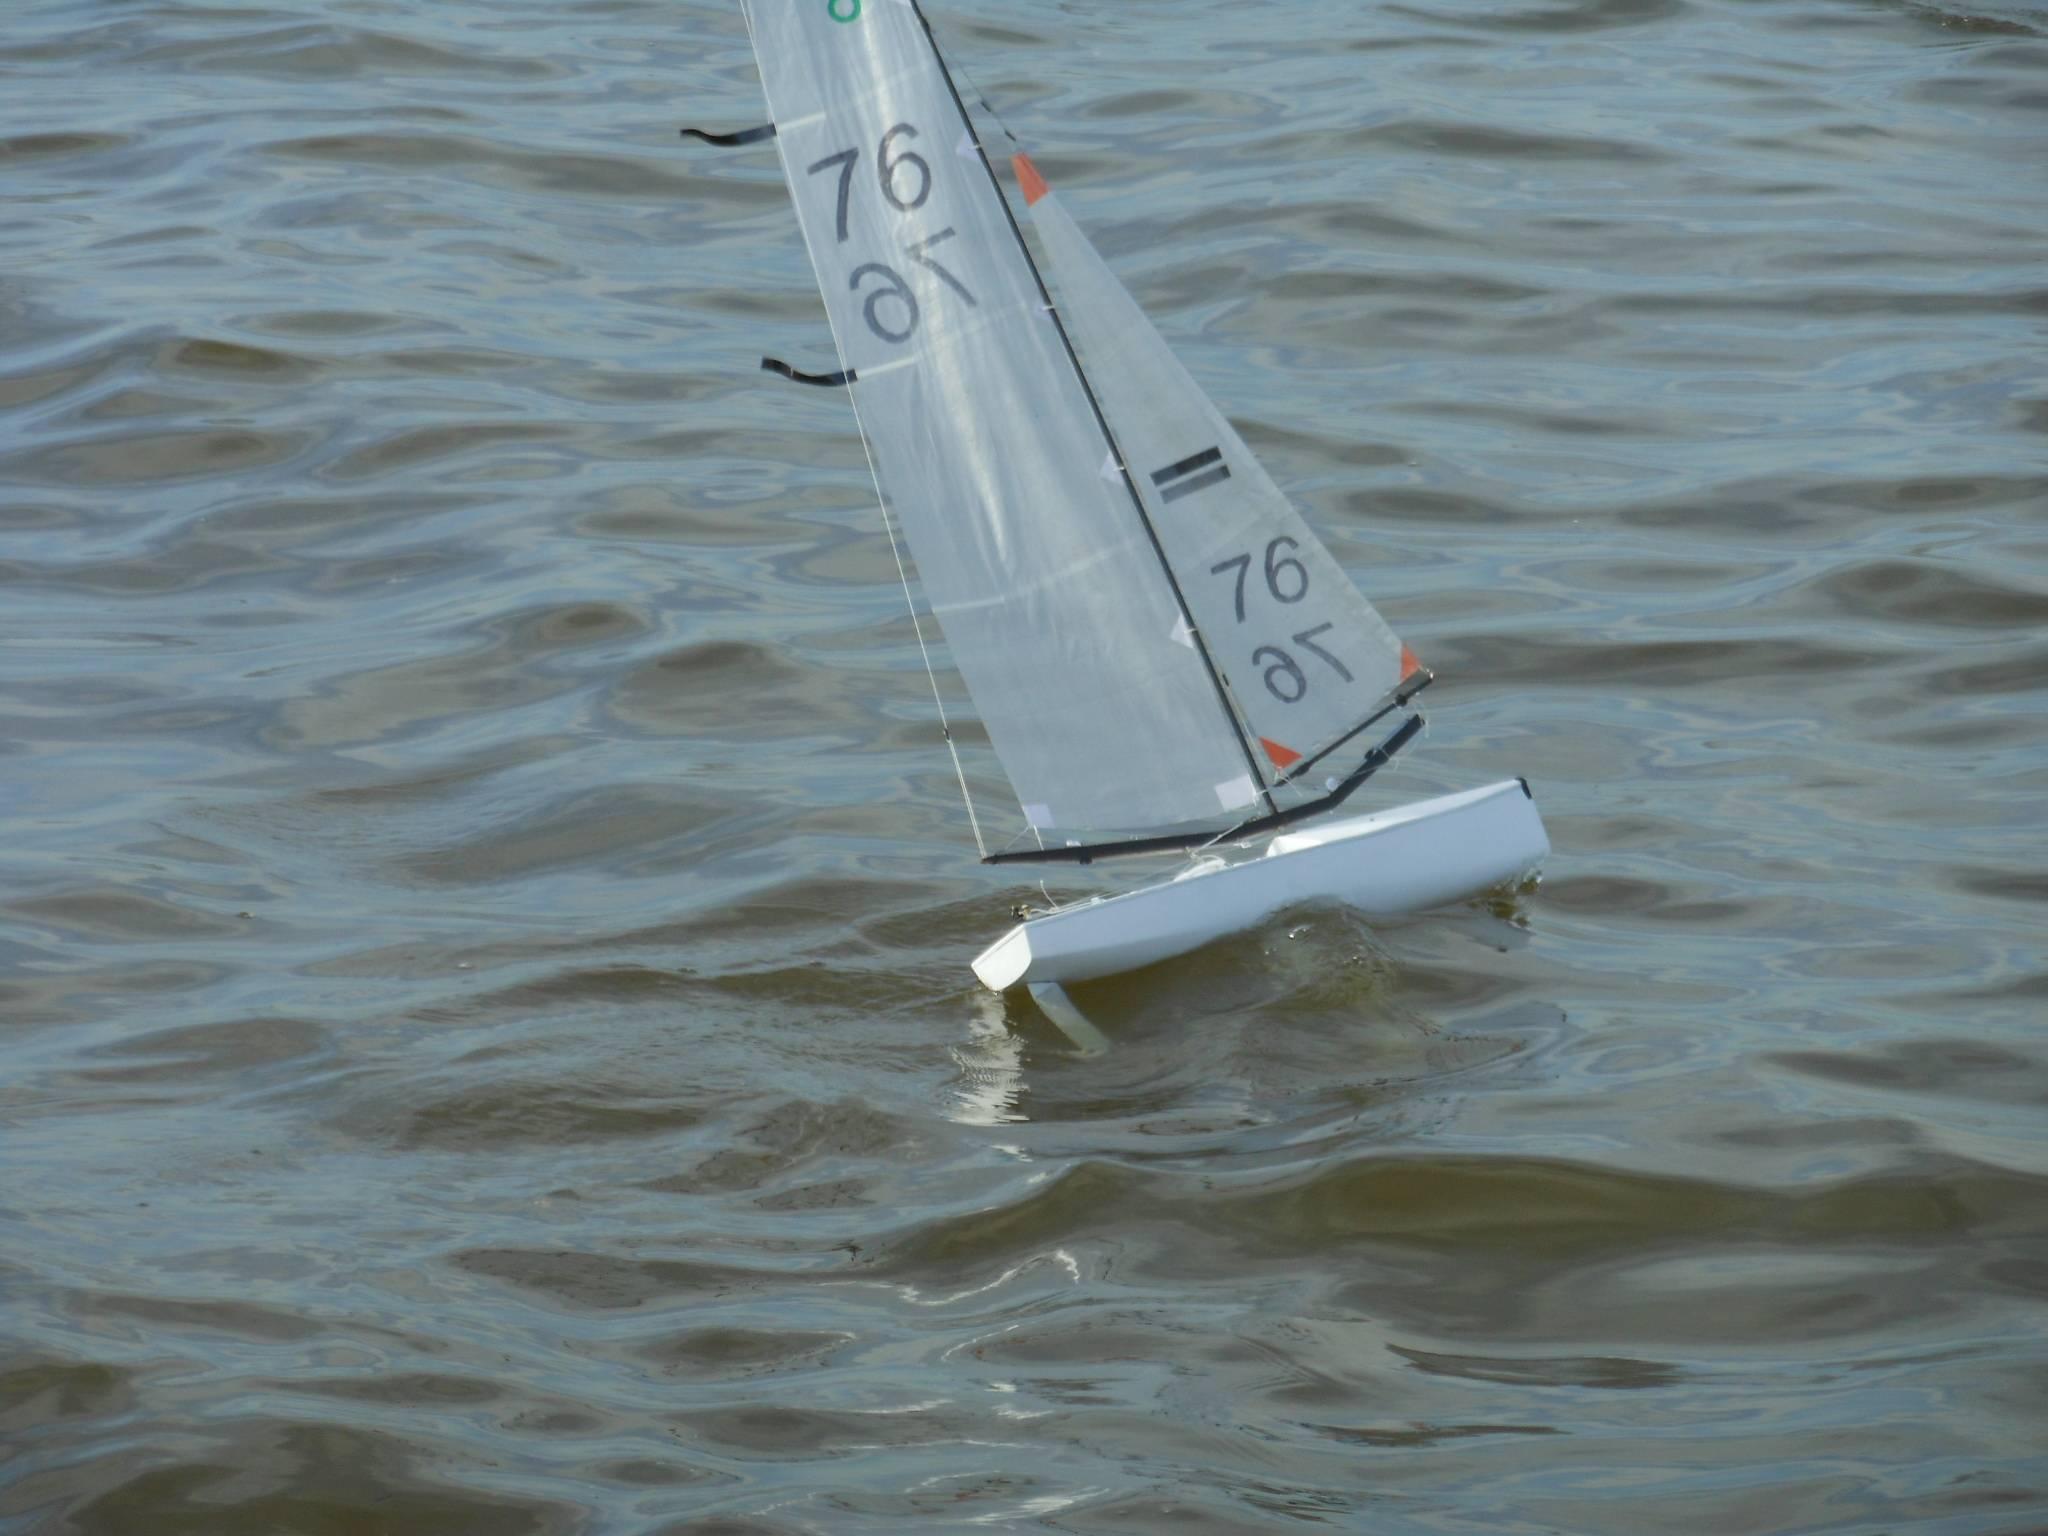 Pakinto by Breaking Wind Boats